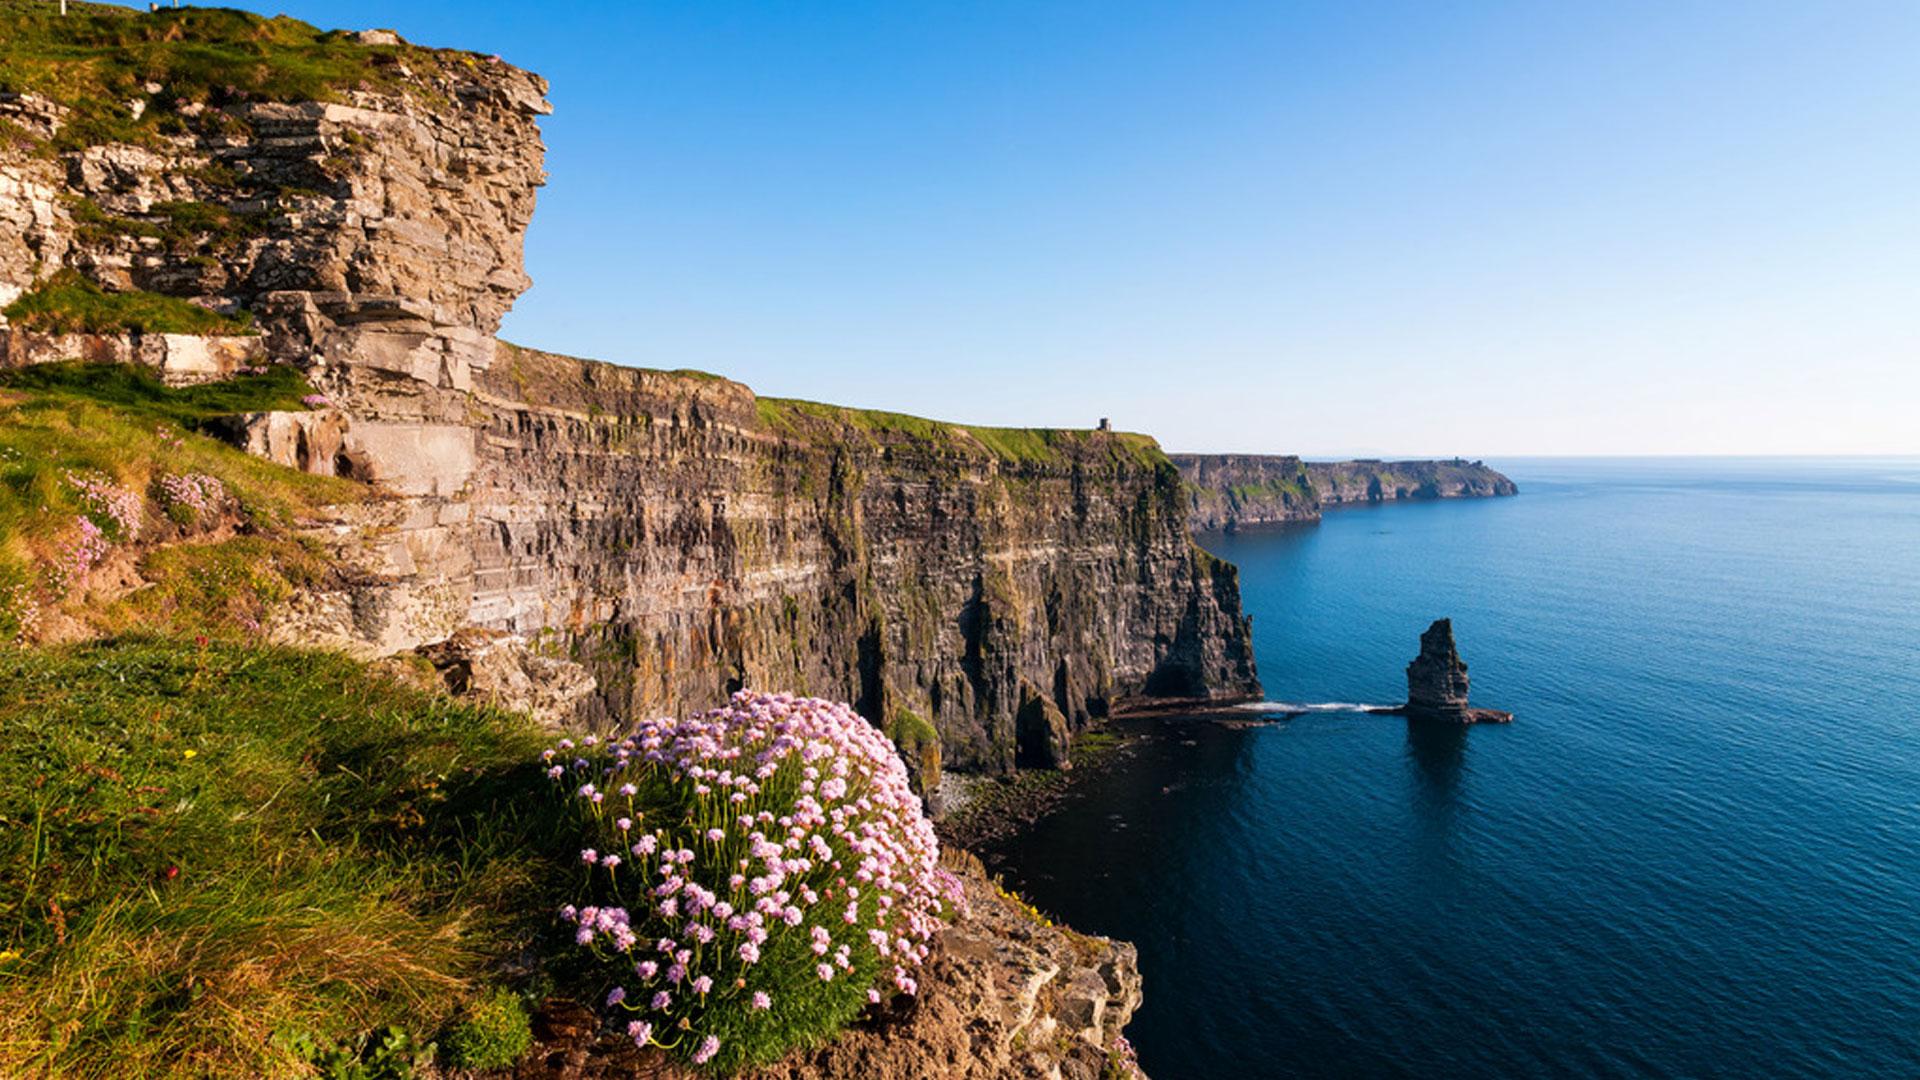 voyages-initiatiques-spirituels-irlande-petits-groupes-exclusifs-connexions-architectes-de-sens-marie-regnault